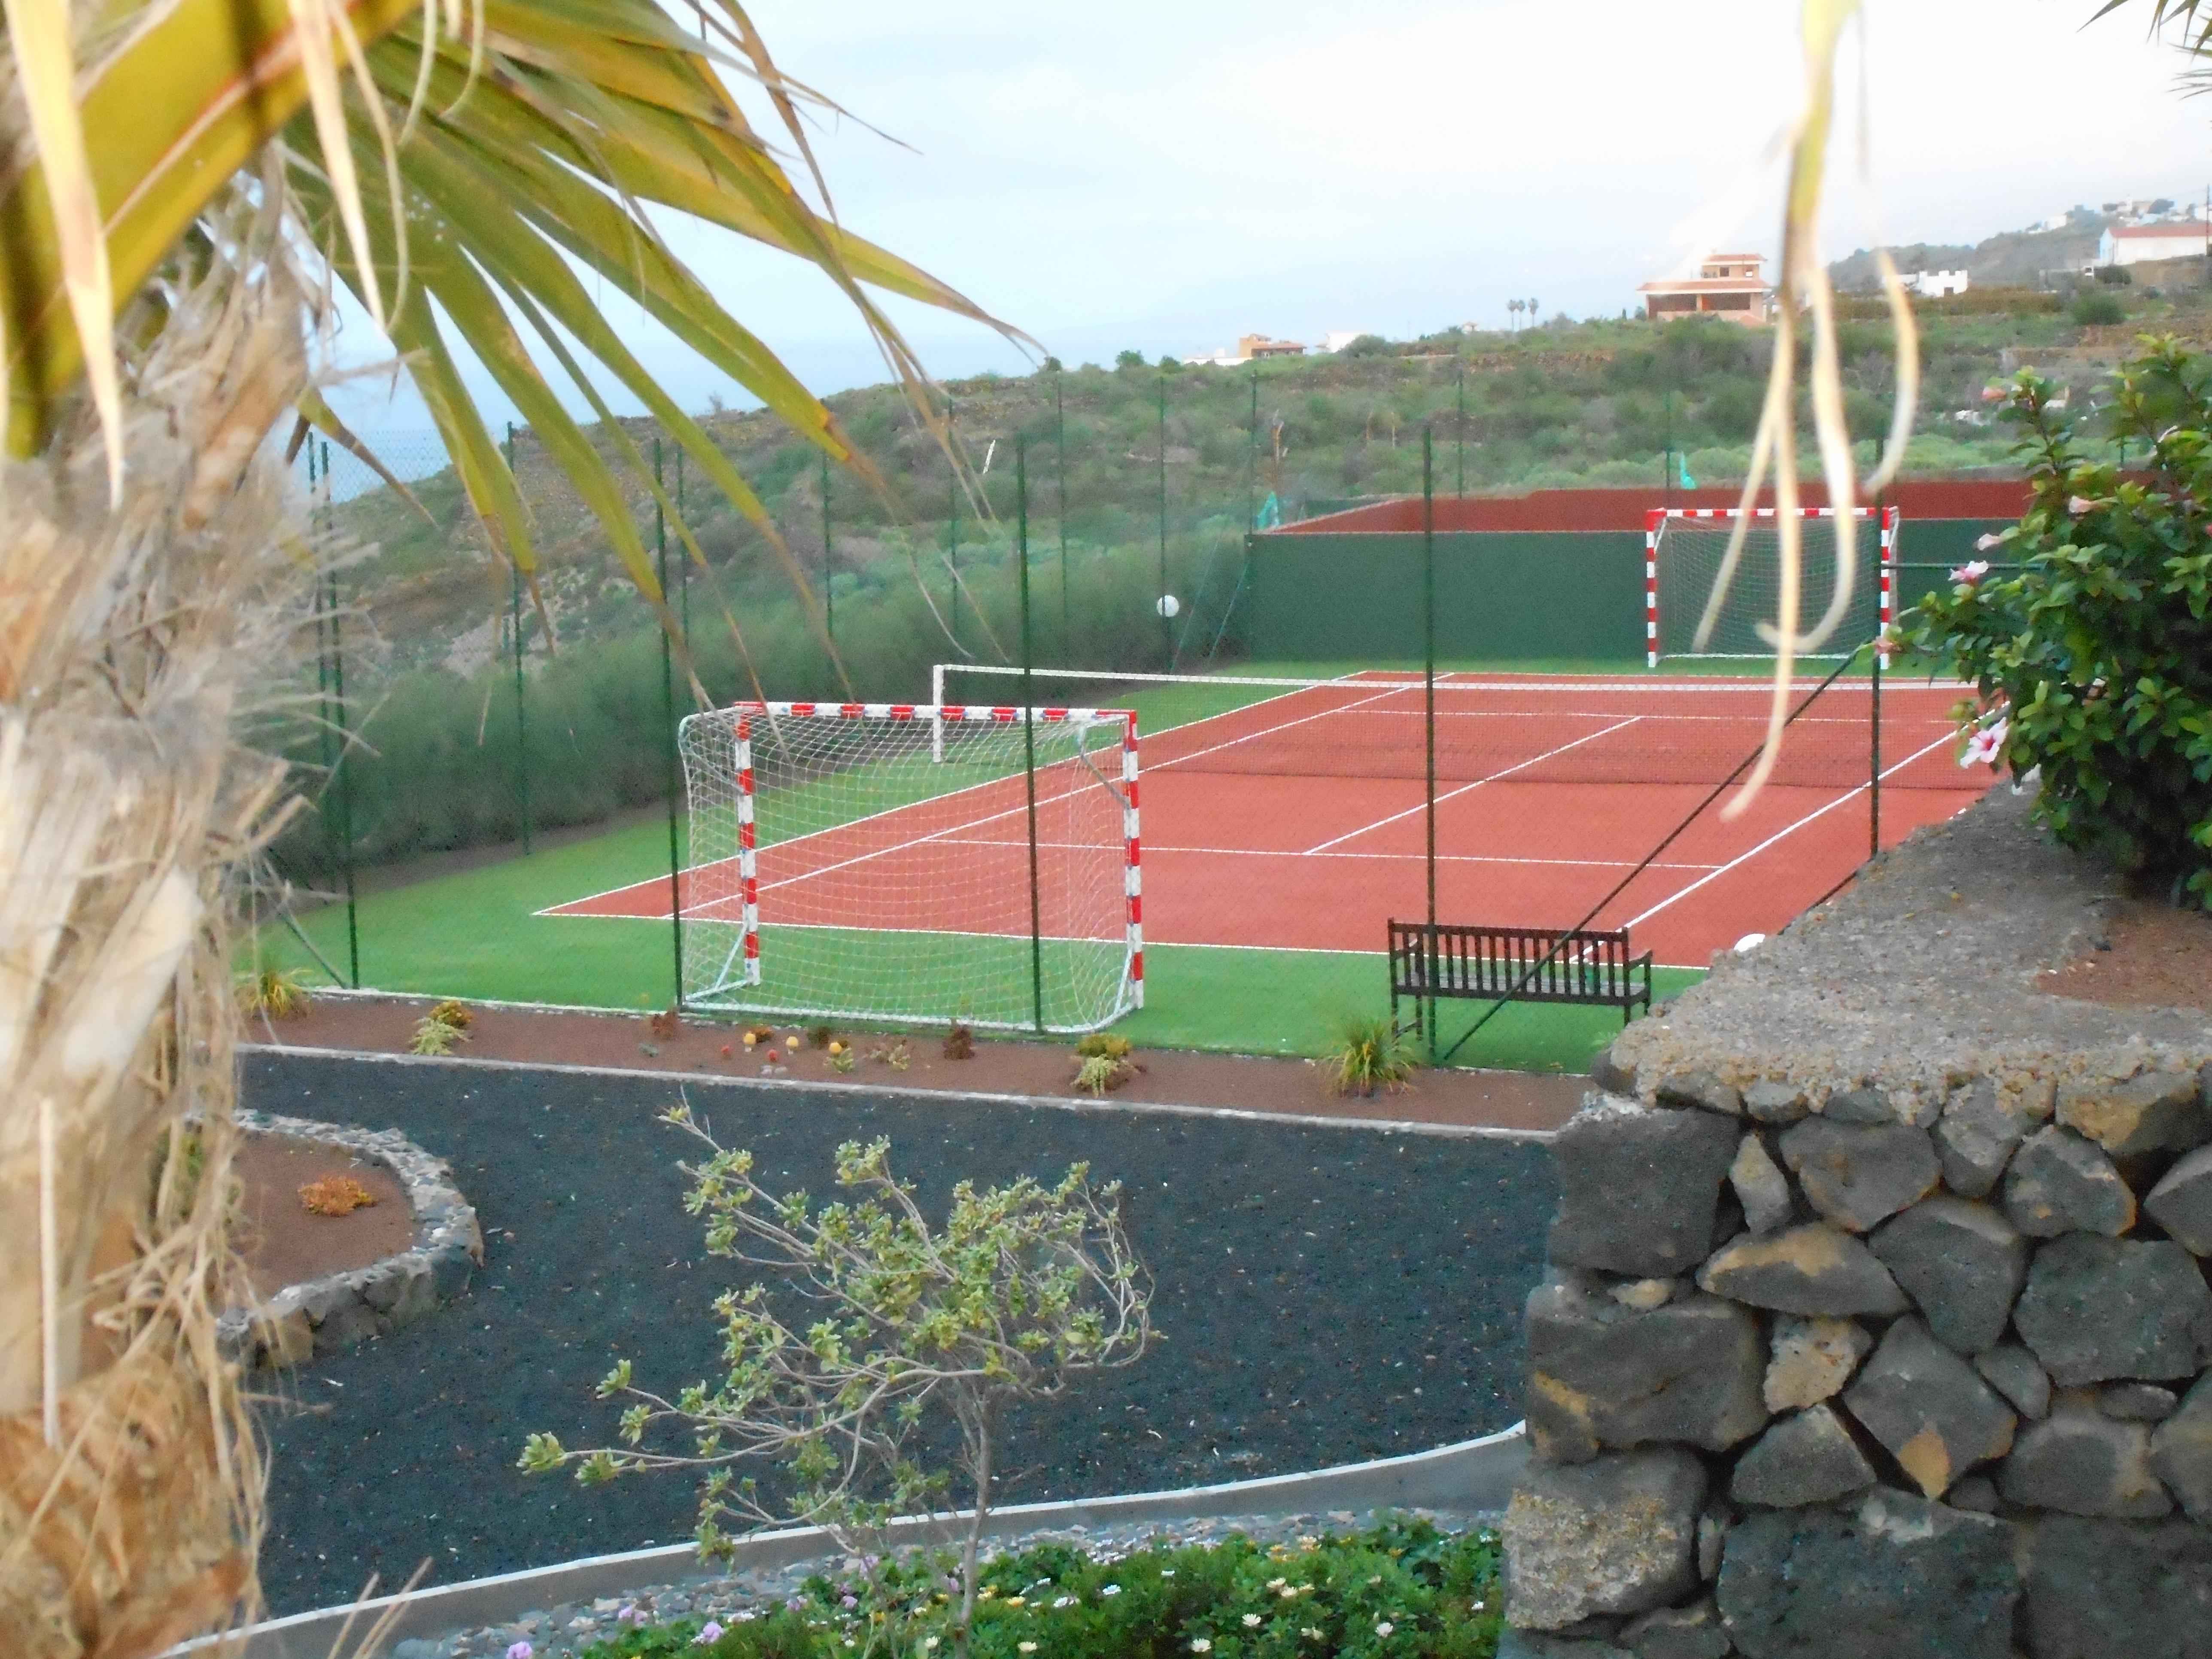 Tennisplatz / Fußballplatz